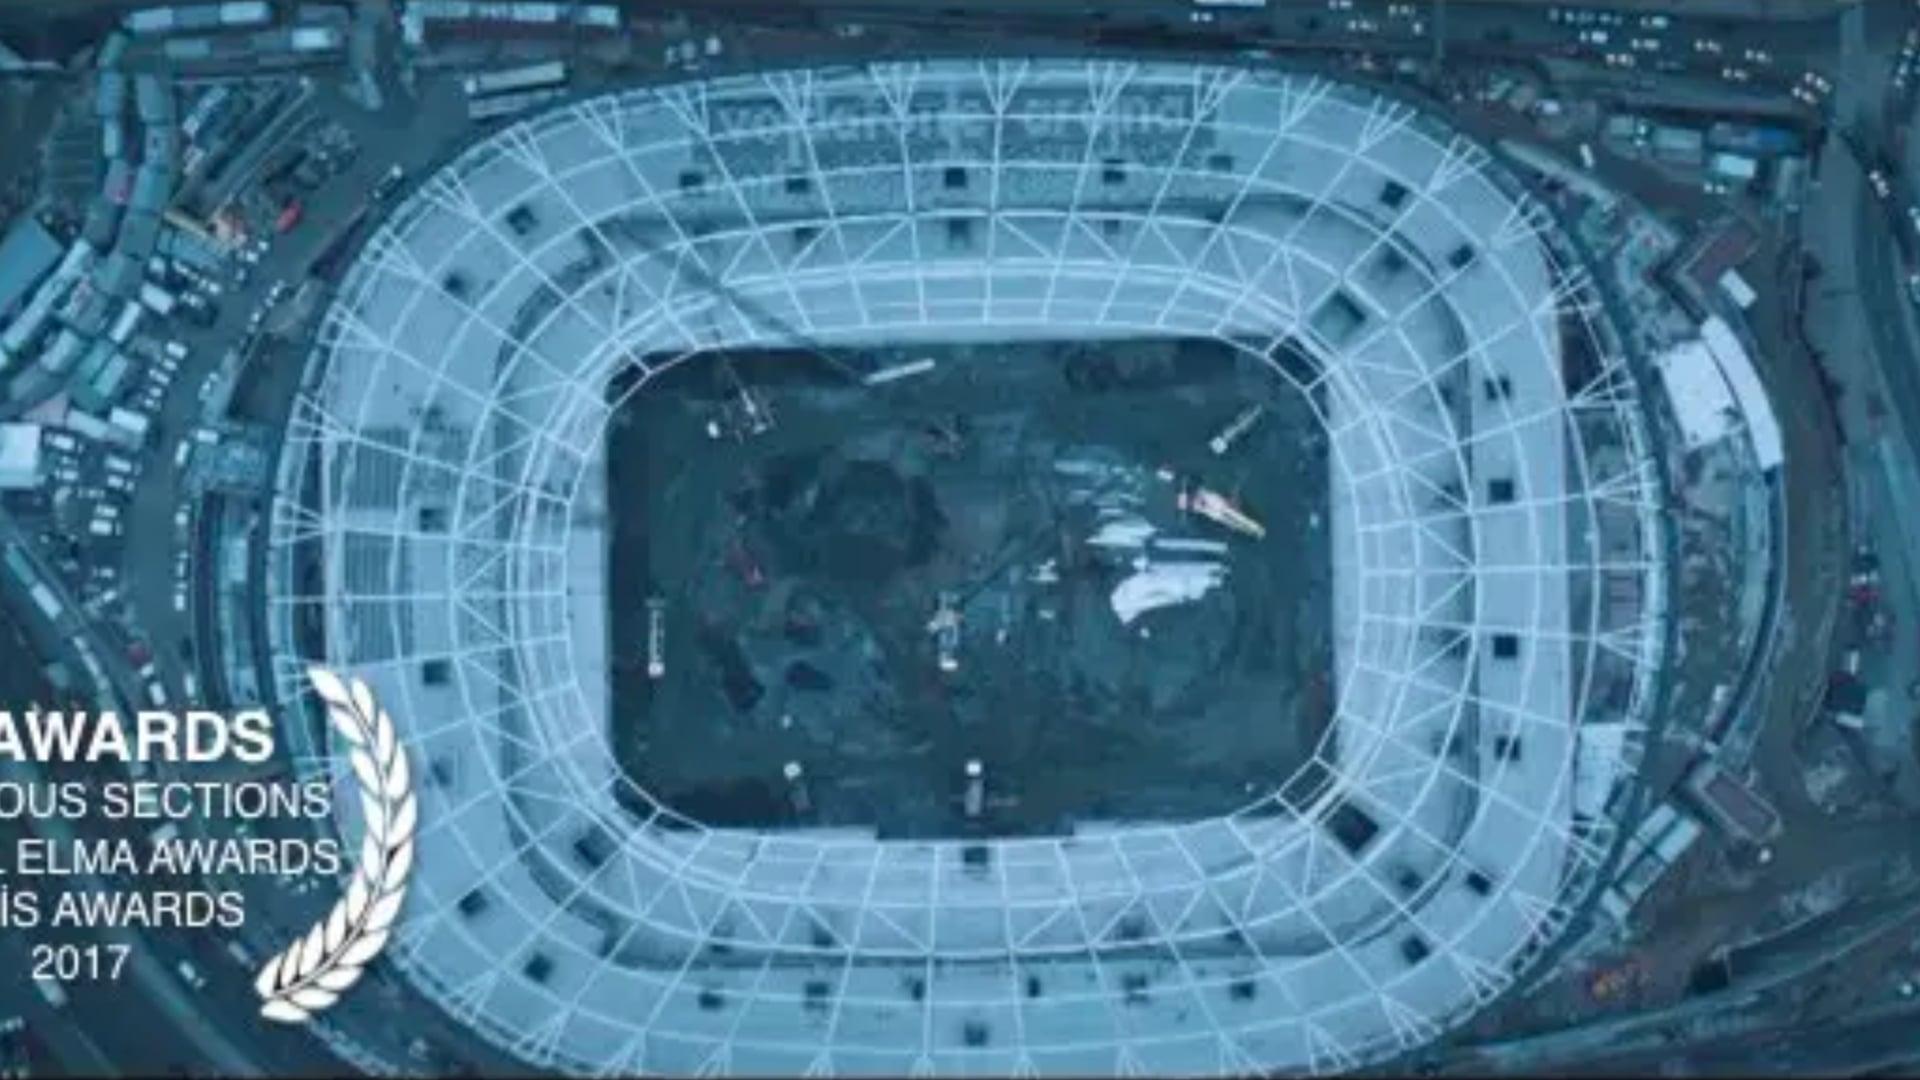 Umut Aral-Vodafone Arena Stadium